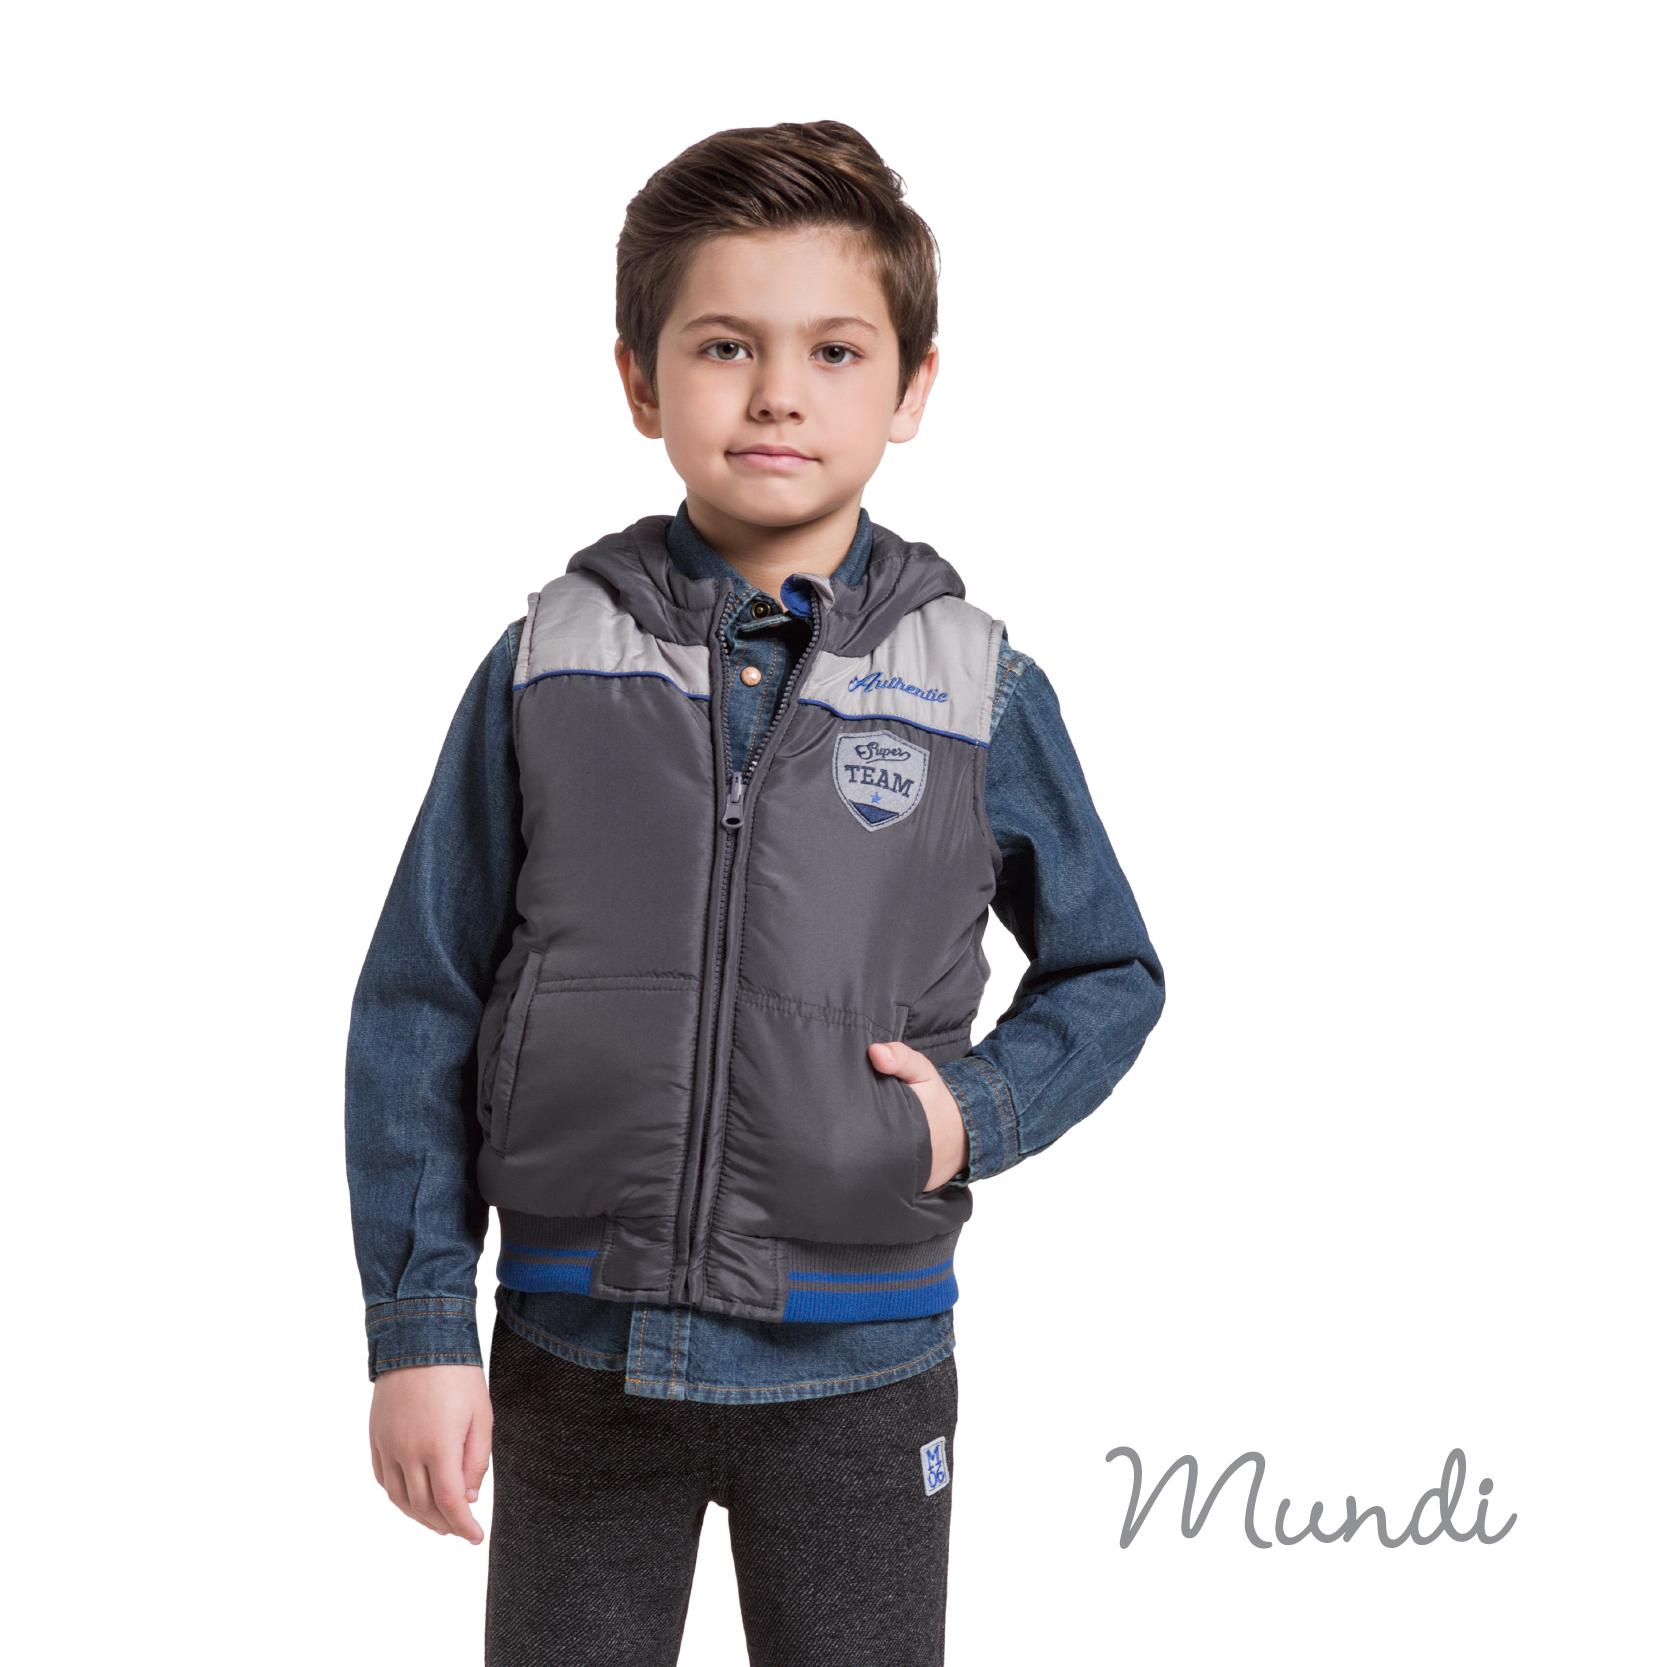 Coletes reversíveis: estilo e conforto em dobro para os meninos!